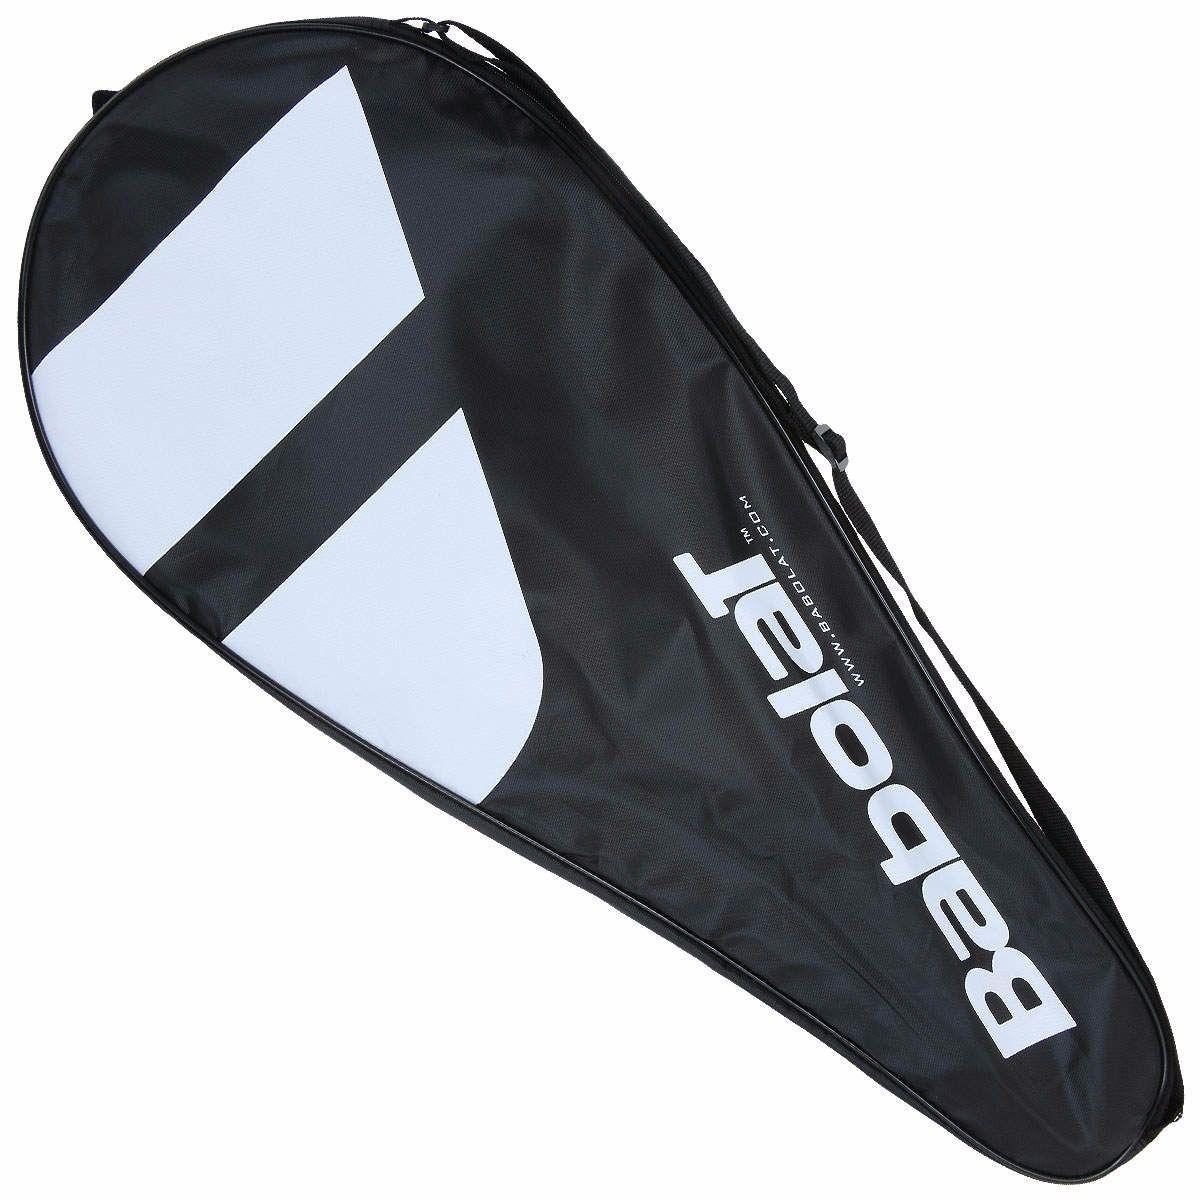 Capa de Raquete de Tênis Babolat  - REAL ESPORTE